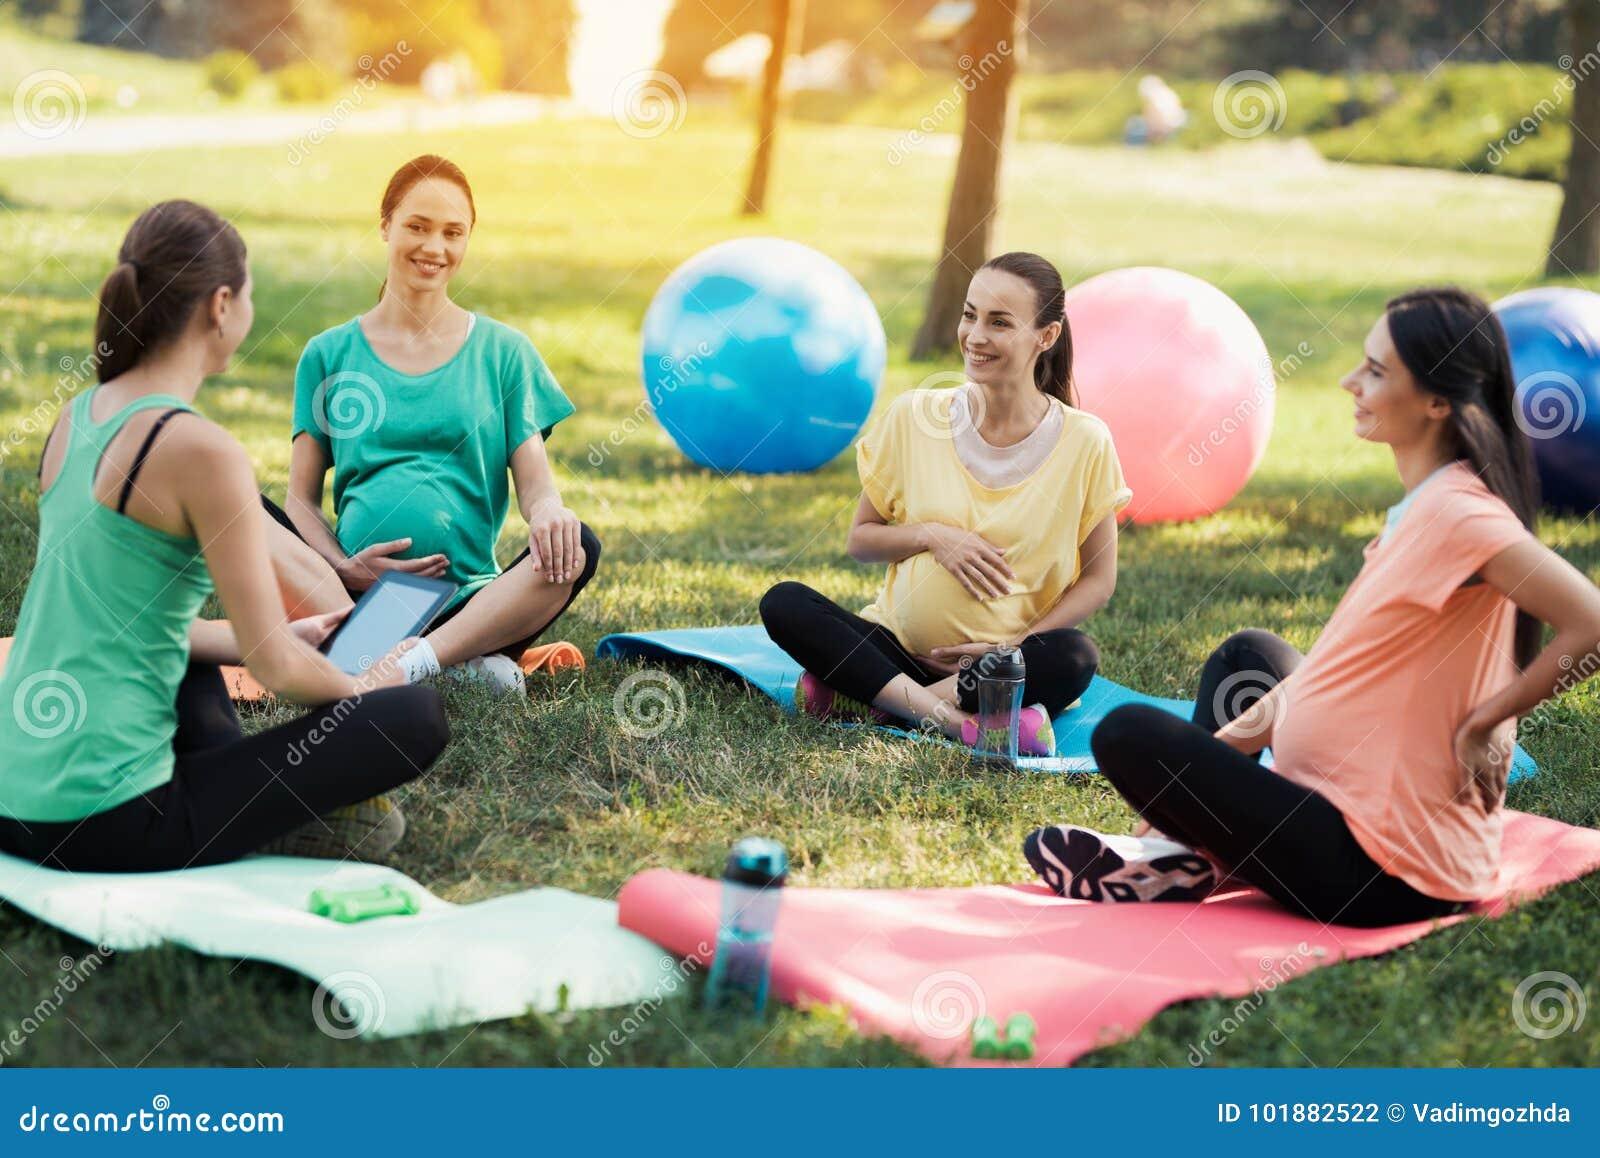 Yoga del embarazo Un instructor femenino se sienta delante de tres mujeres embarazadas que vinieron a la yoga